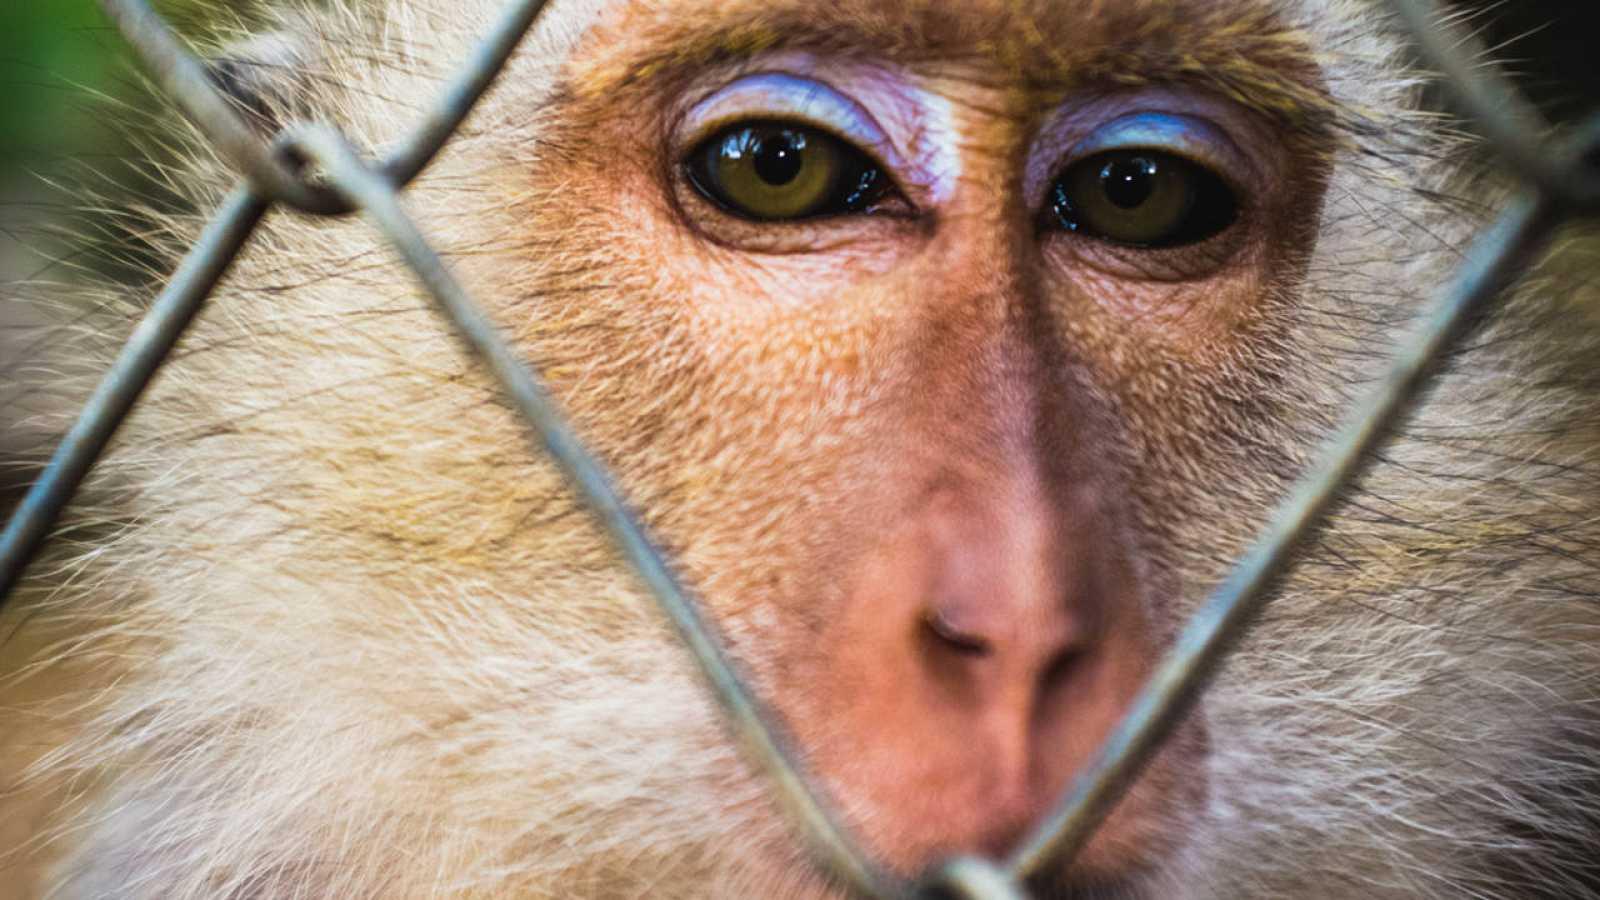 El estudio demuestra, la viabilidad del uso de primates modificados genéticamente para estudiar trastornos en el neurodesarrollo.